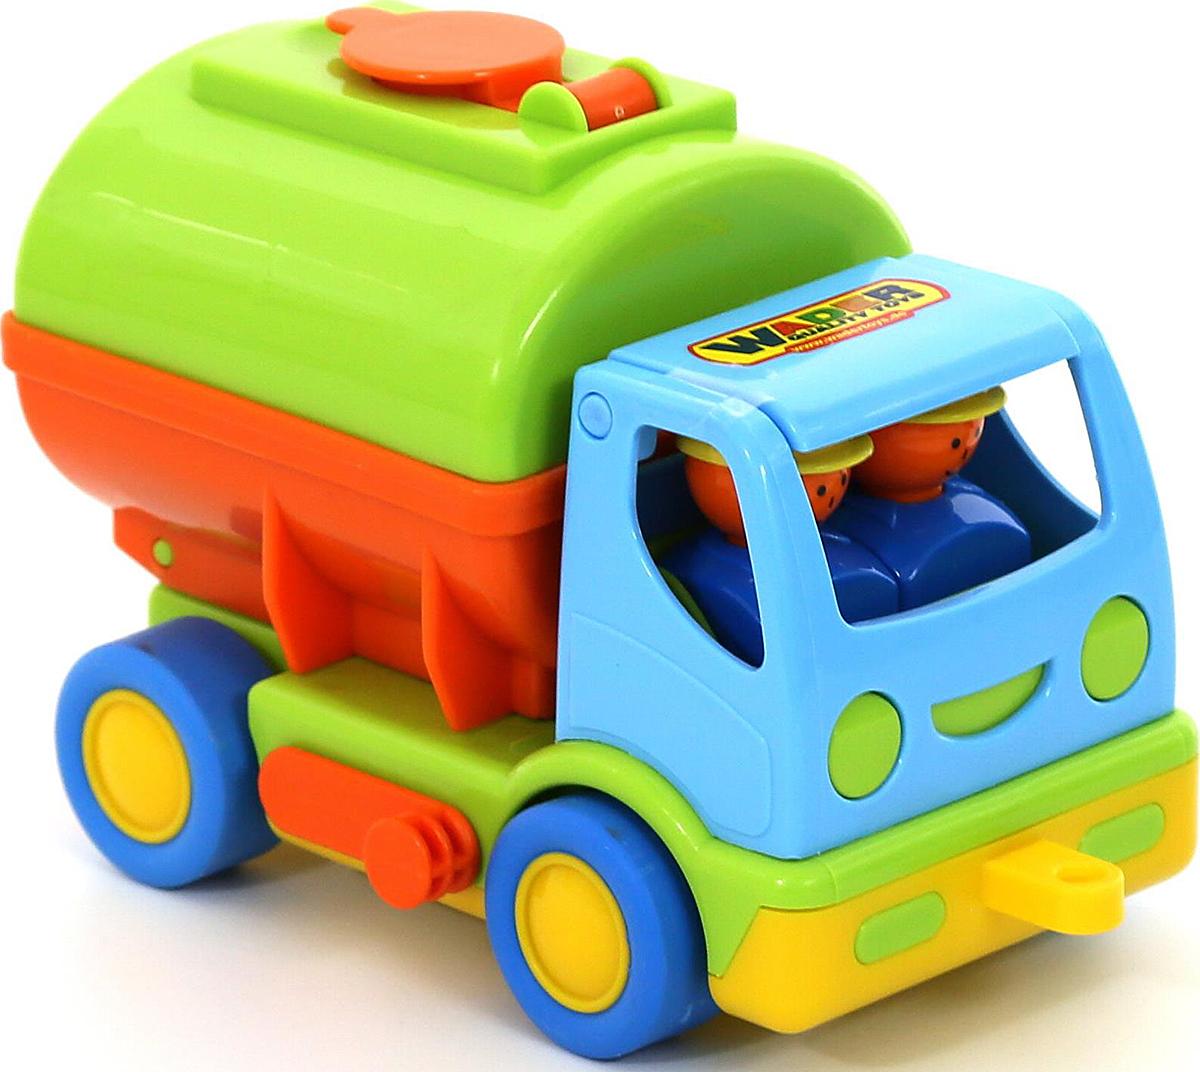 Полесье Автомобиль с цистерной Мой первый грузовик 40145, цвет в ассортименте автомобиль пожарный полесье мой первый грузовик в сеточке 3225